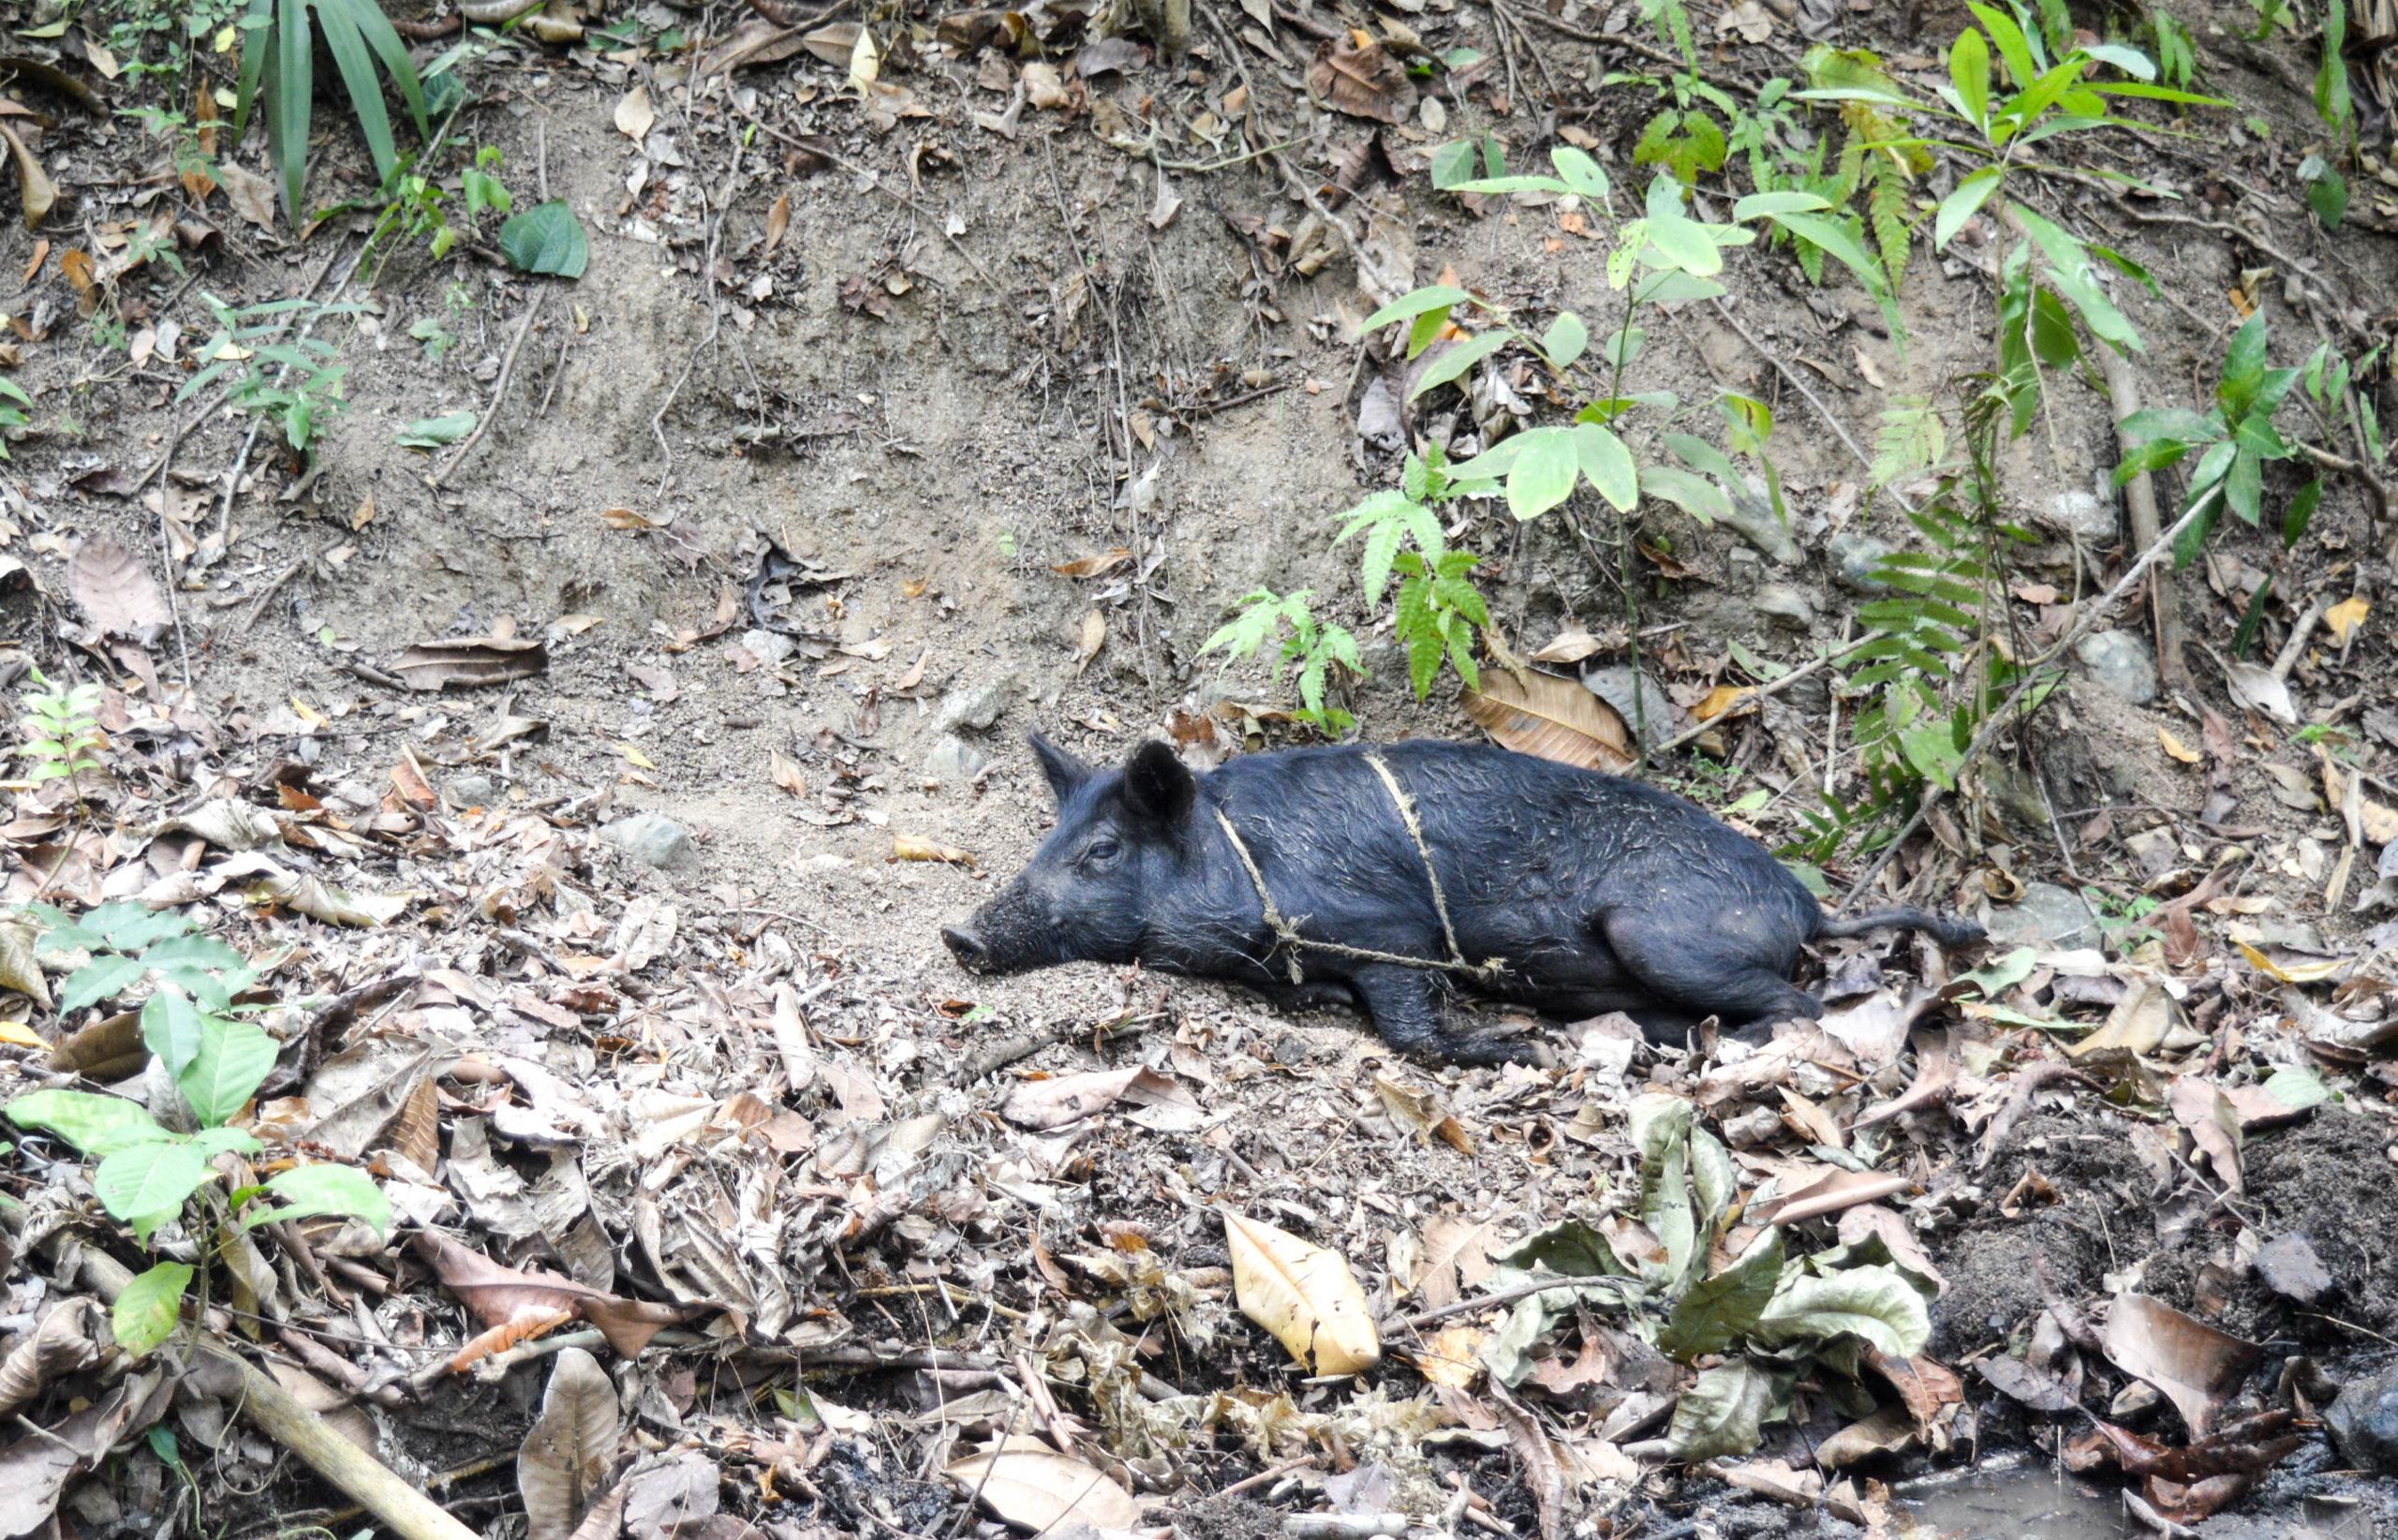 cochon dans la forêt tropicale, parc tayrona